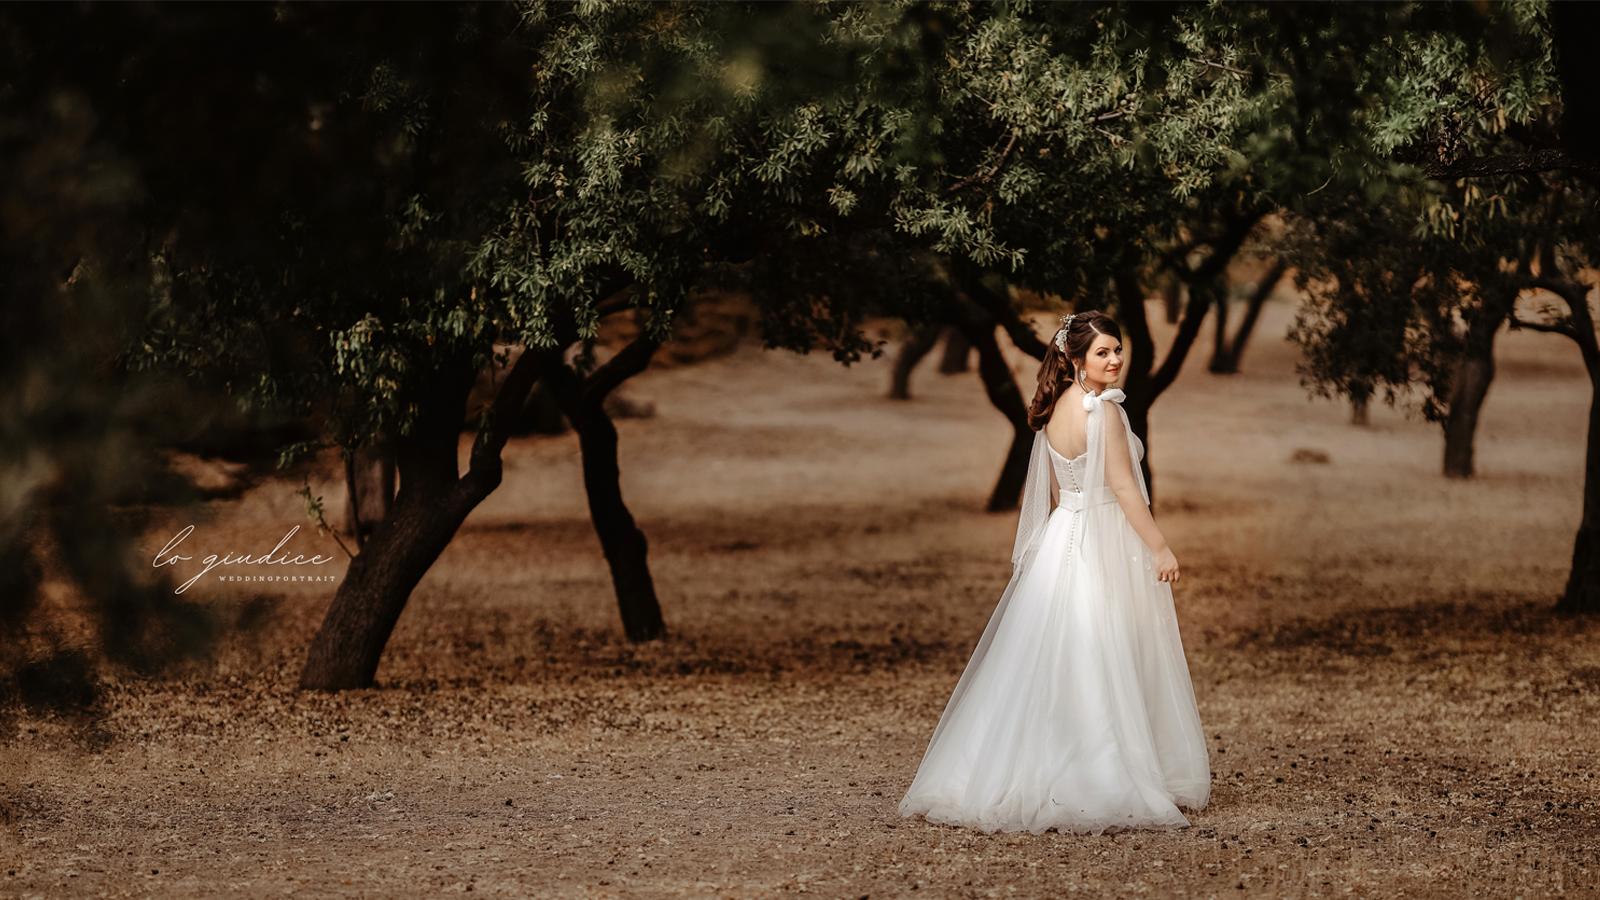 foto sposa tra gli alberi